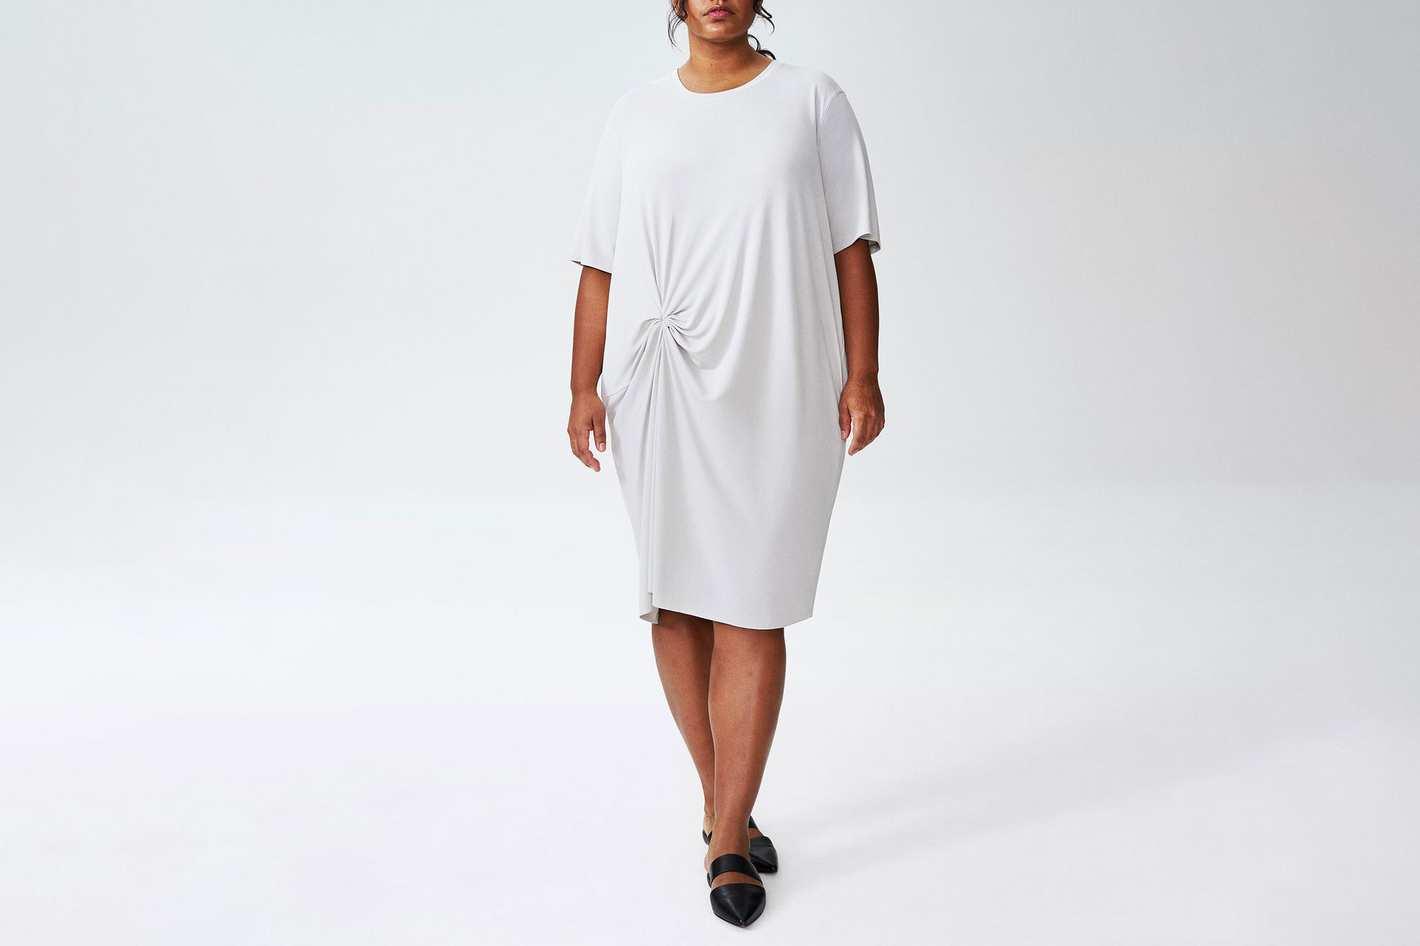 Monica Gathered Dress